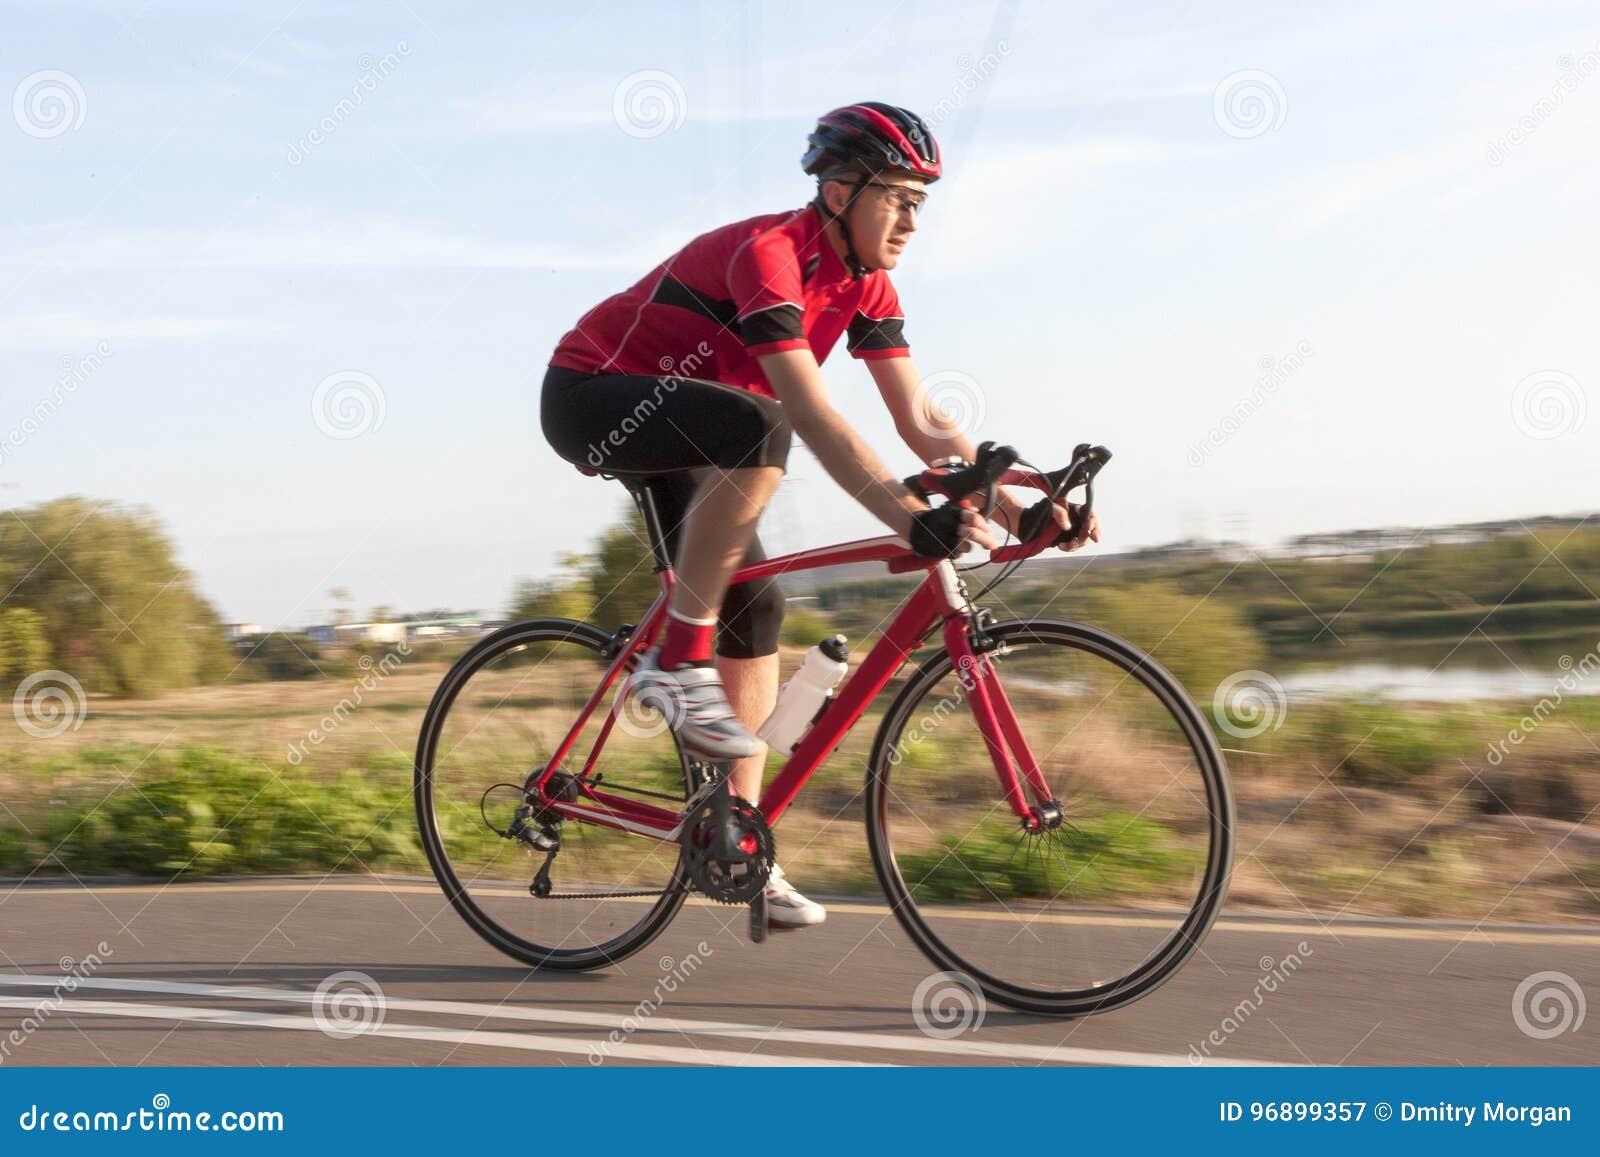 Fachowy Męski cyklista w Bieżnym stroju Podczas przejażdżki na rowerze Outdoors